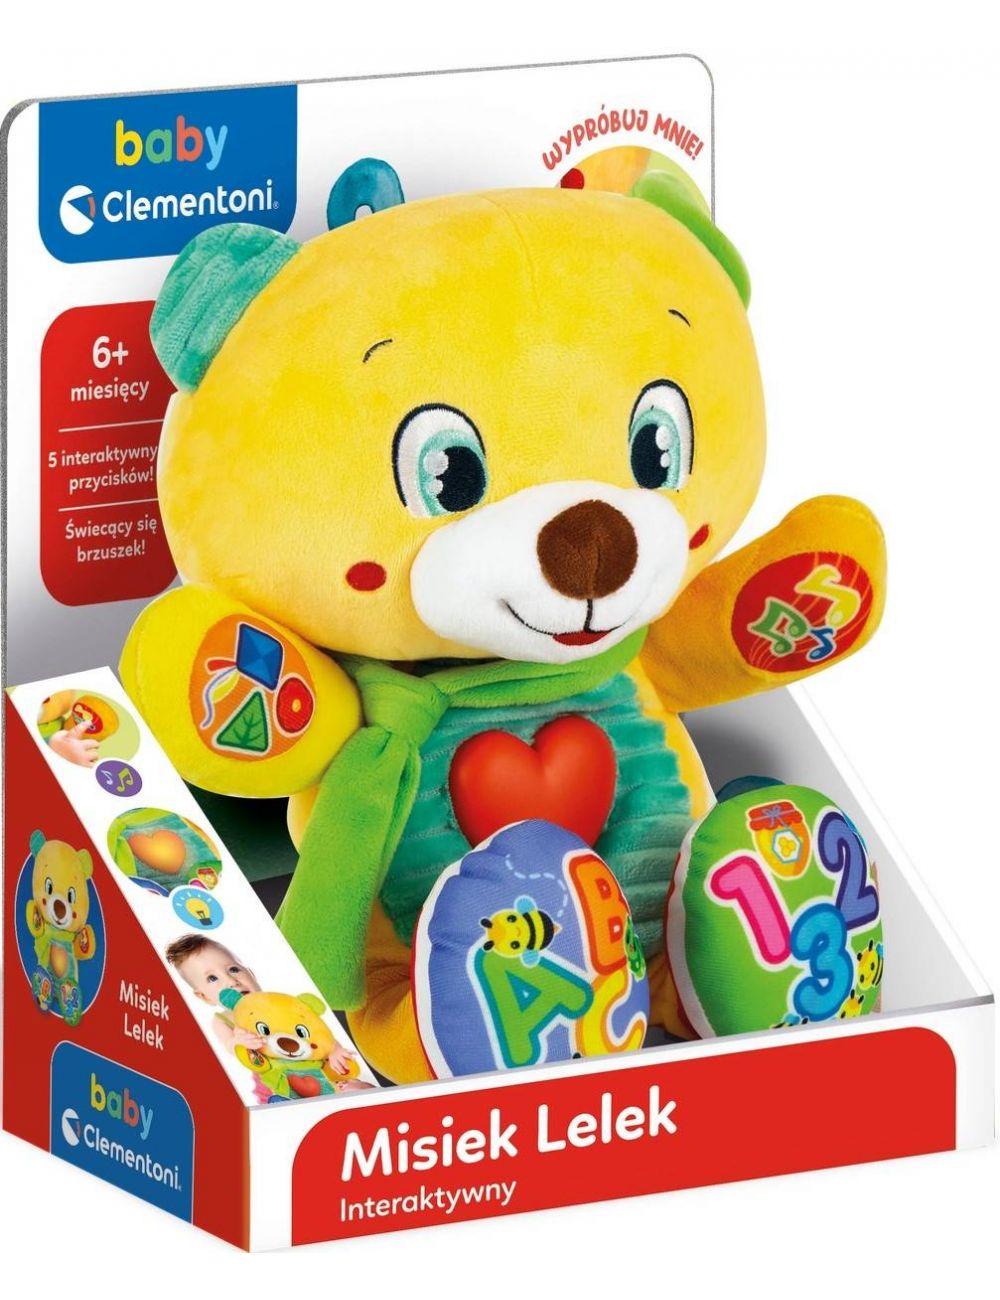 Clementoni Interaktywny Misiek Lelek 2.0 Maskotka Literki Cyferki 50704